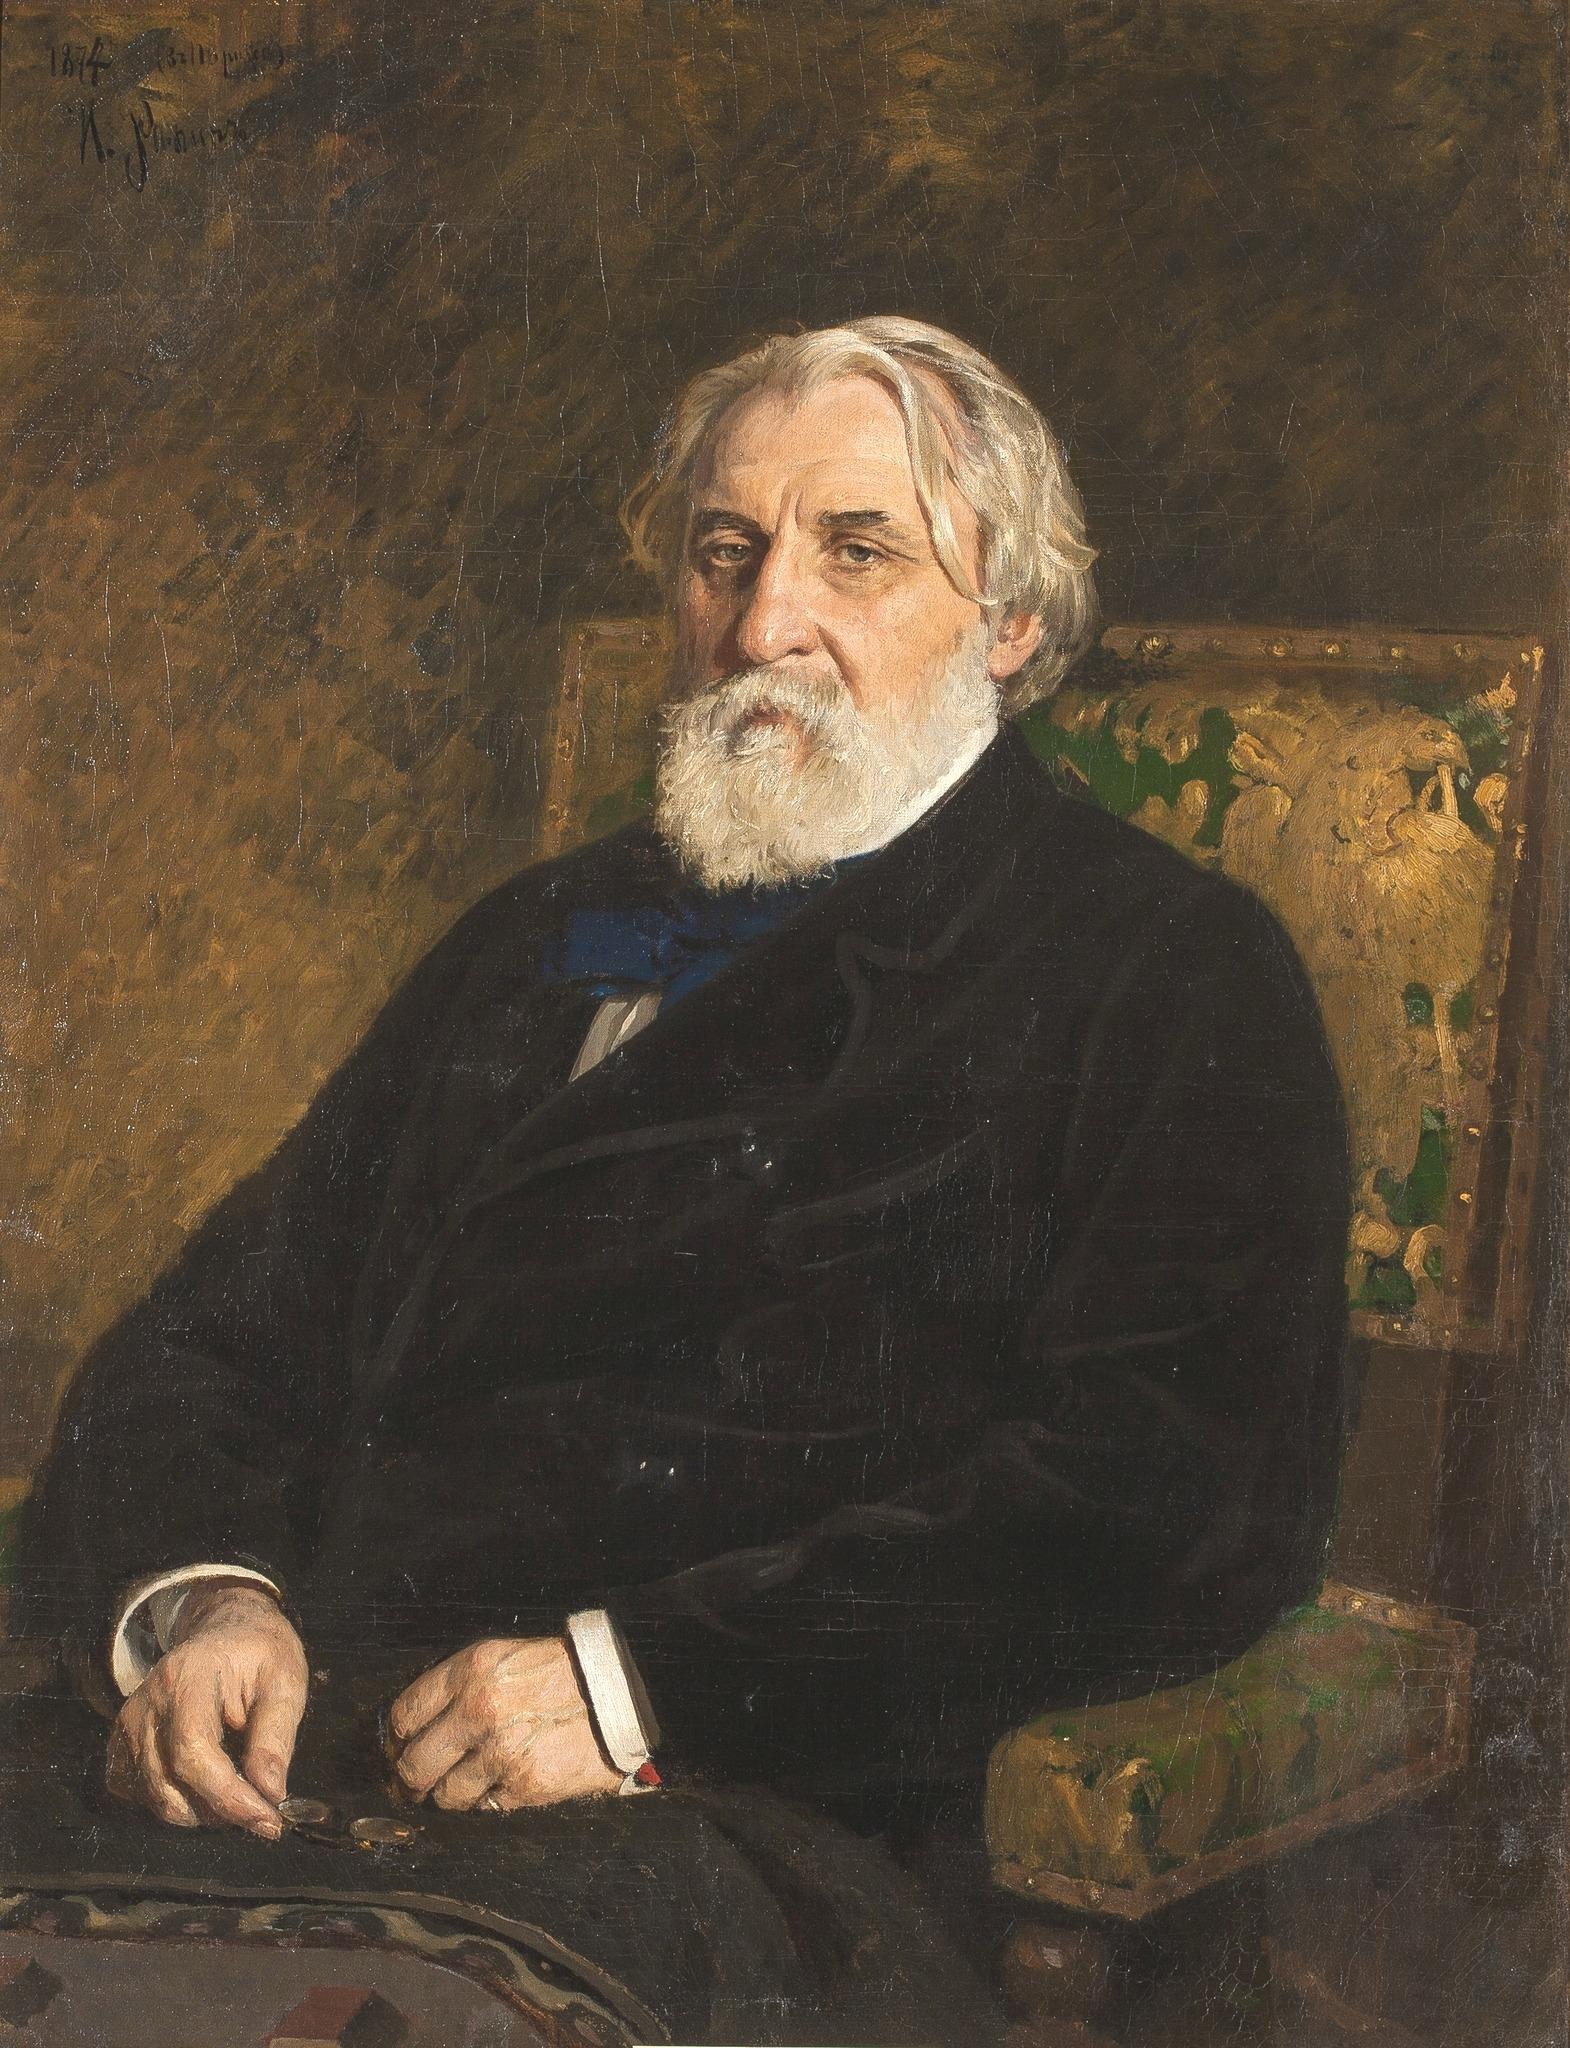 Detalhe de 'Retrato de Ivan Turguêniev', realizado pelo pintor russo Ilya Repin, também autor da pintura que ilustra a capa do livro